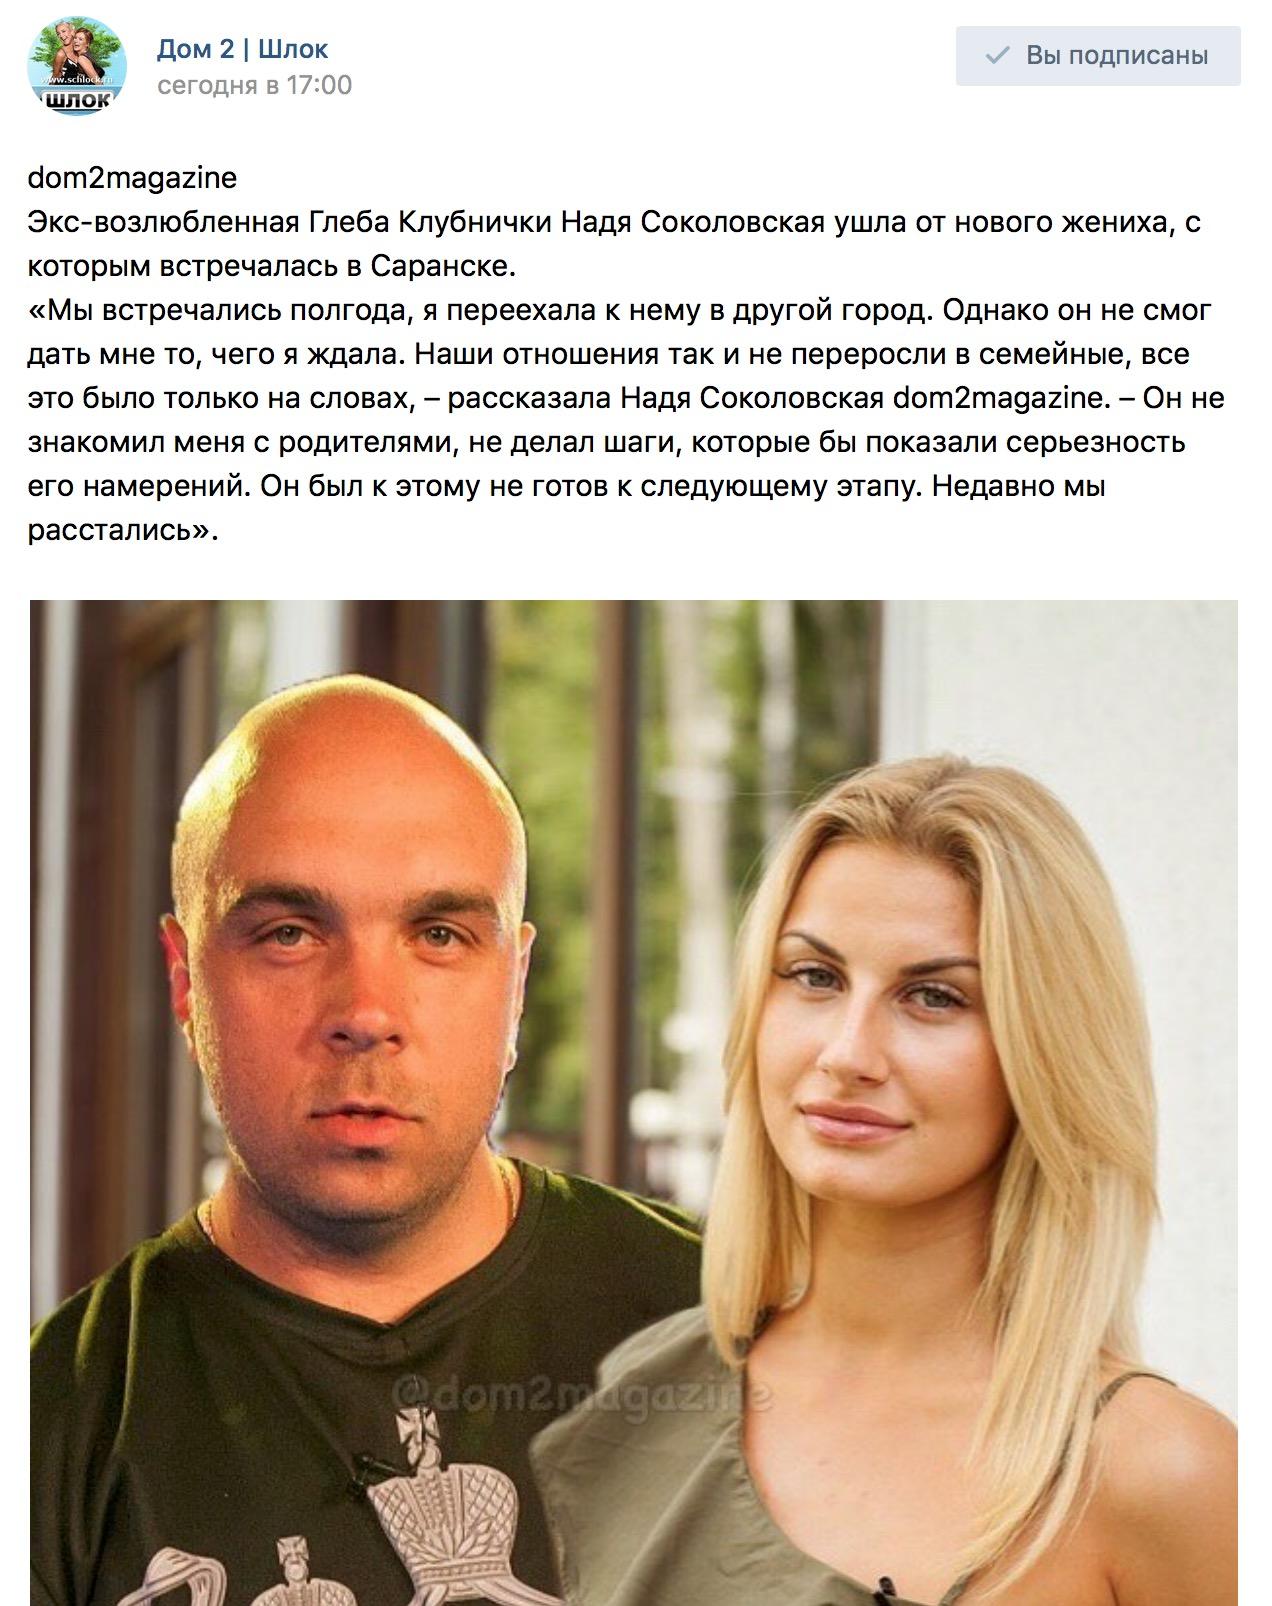 Надя Соколовская ушла от нового жениха